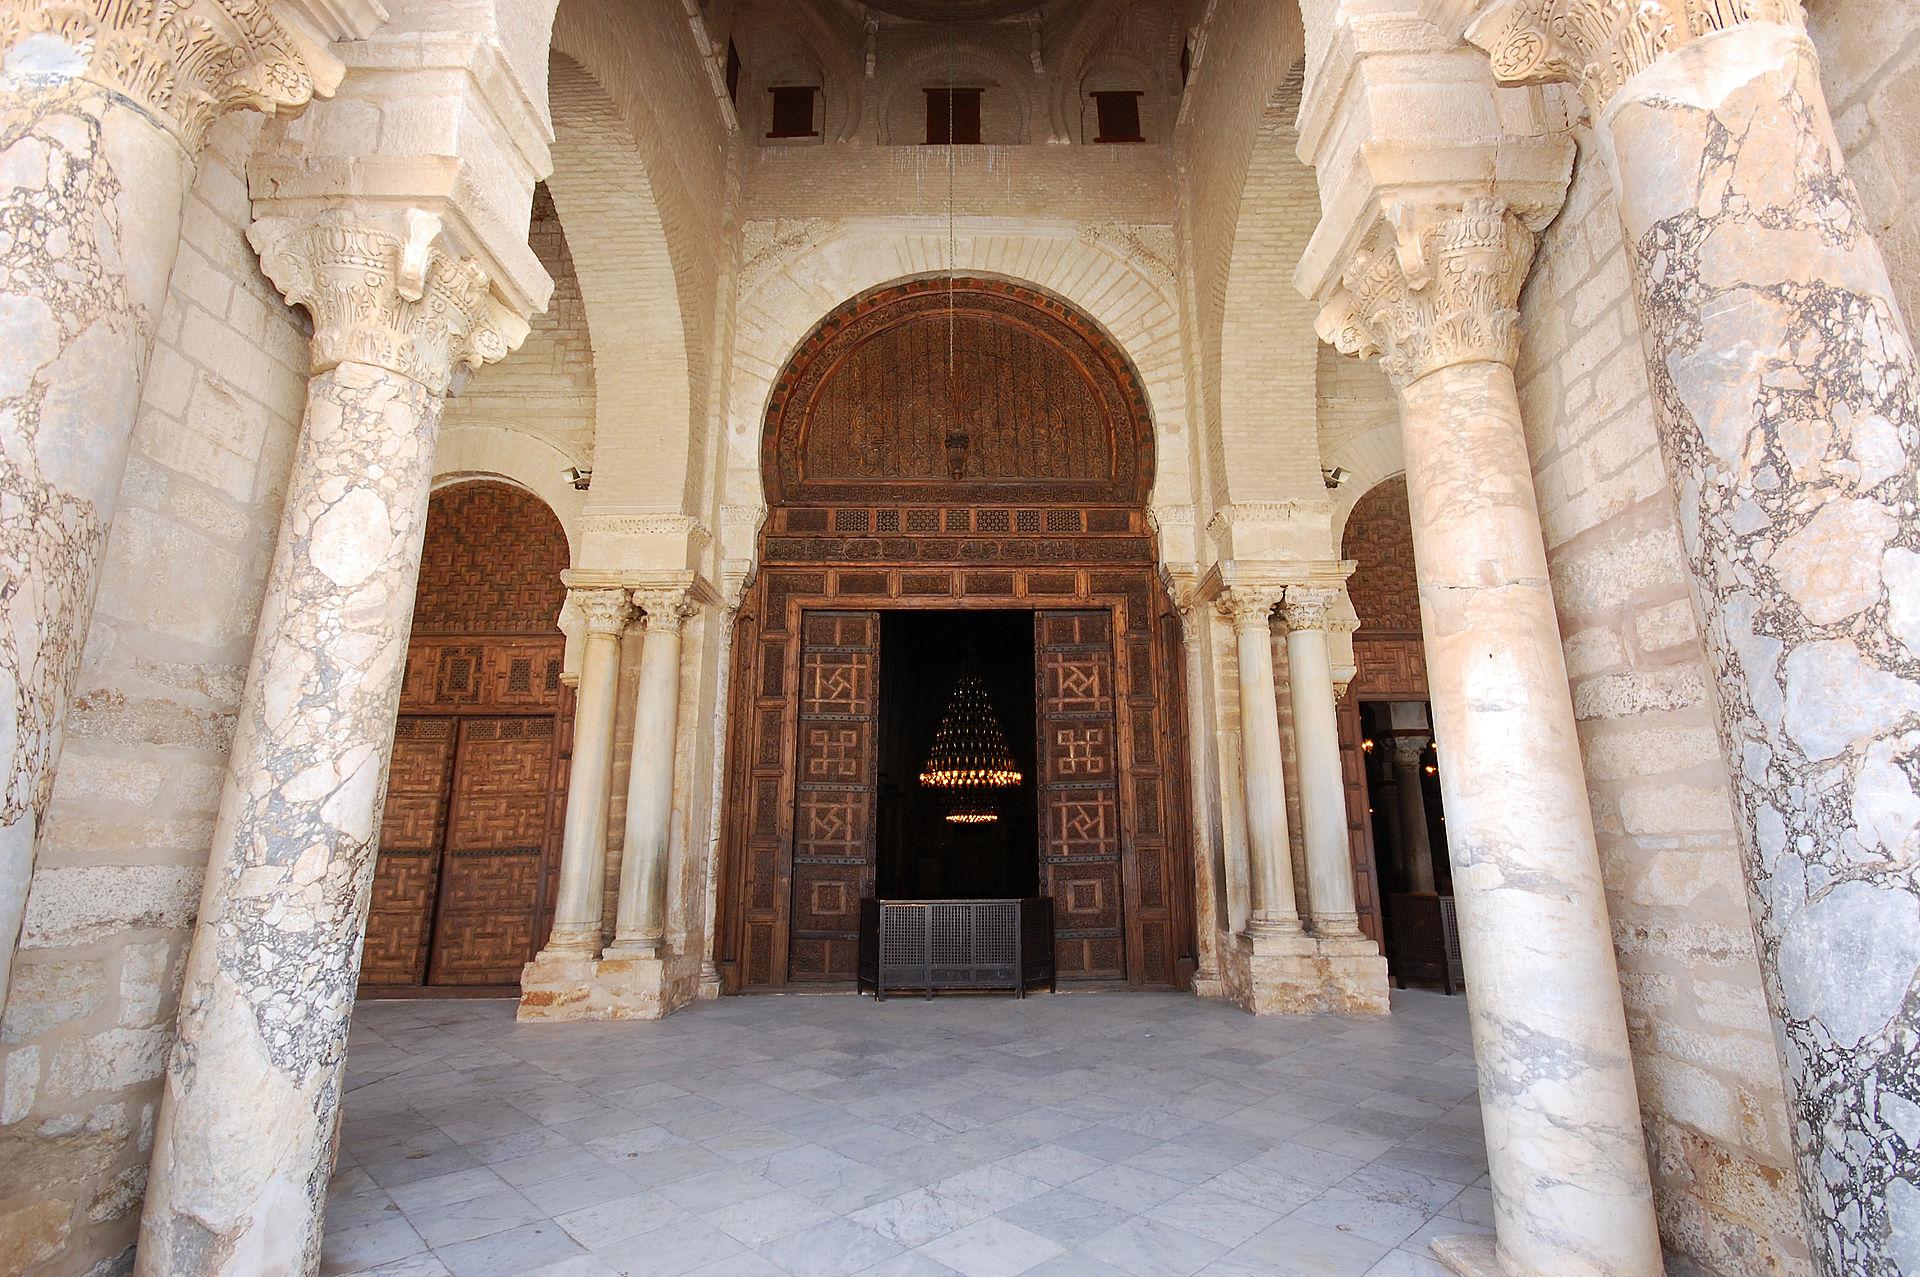 _1920px-Main_door_of_the_prayer_hall_of_the_Great_Mosque_of_Kairouan_6631204917946467788.jpg